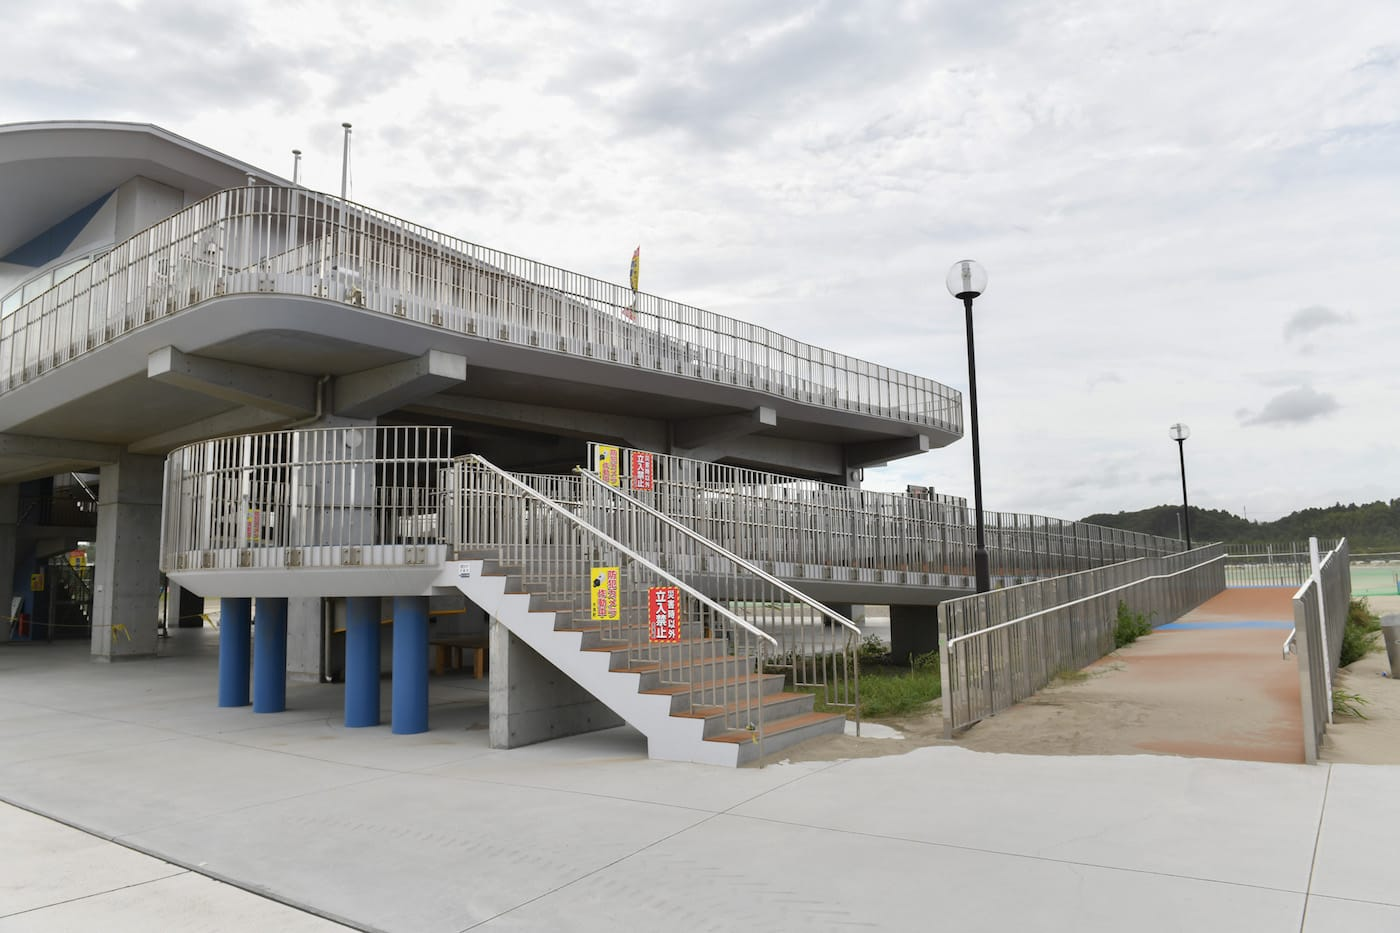 「ユニバーサルビーチセンター」の外観